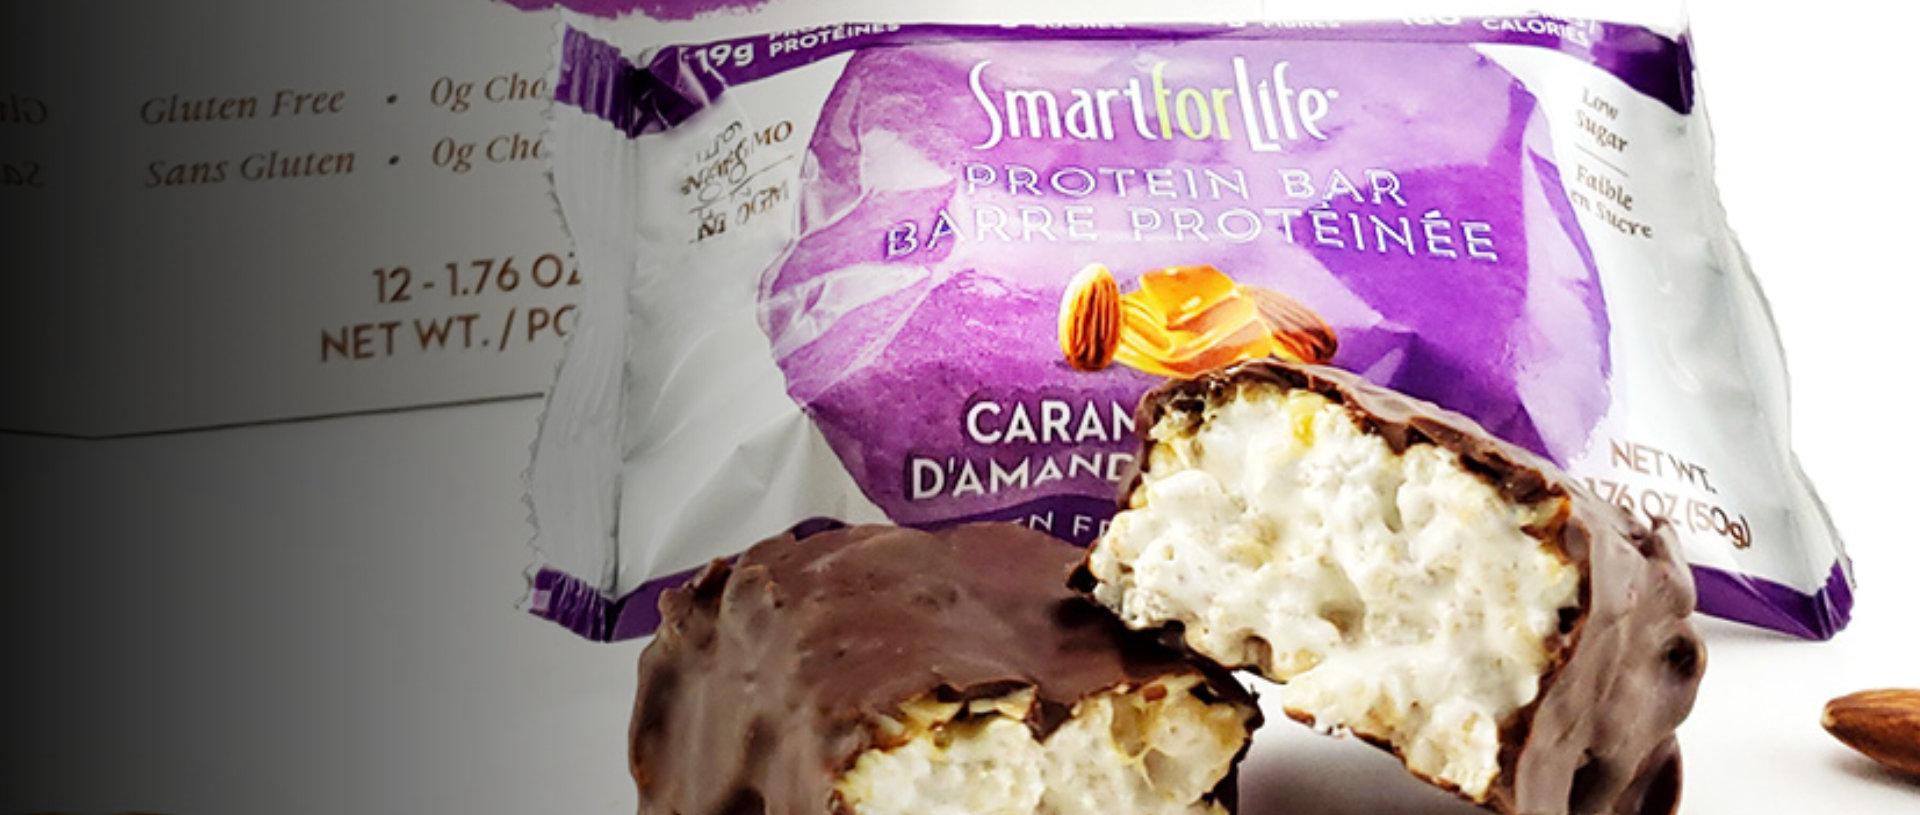 smart for life caramel flavor